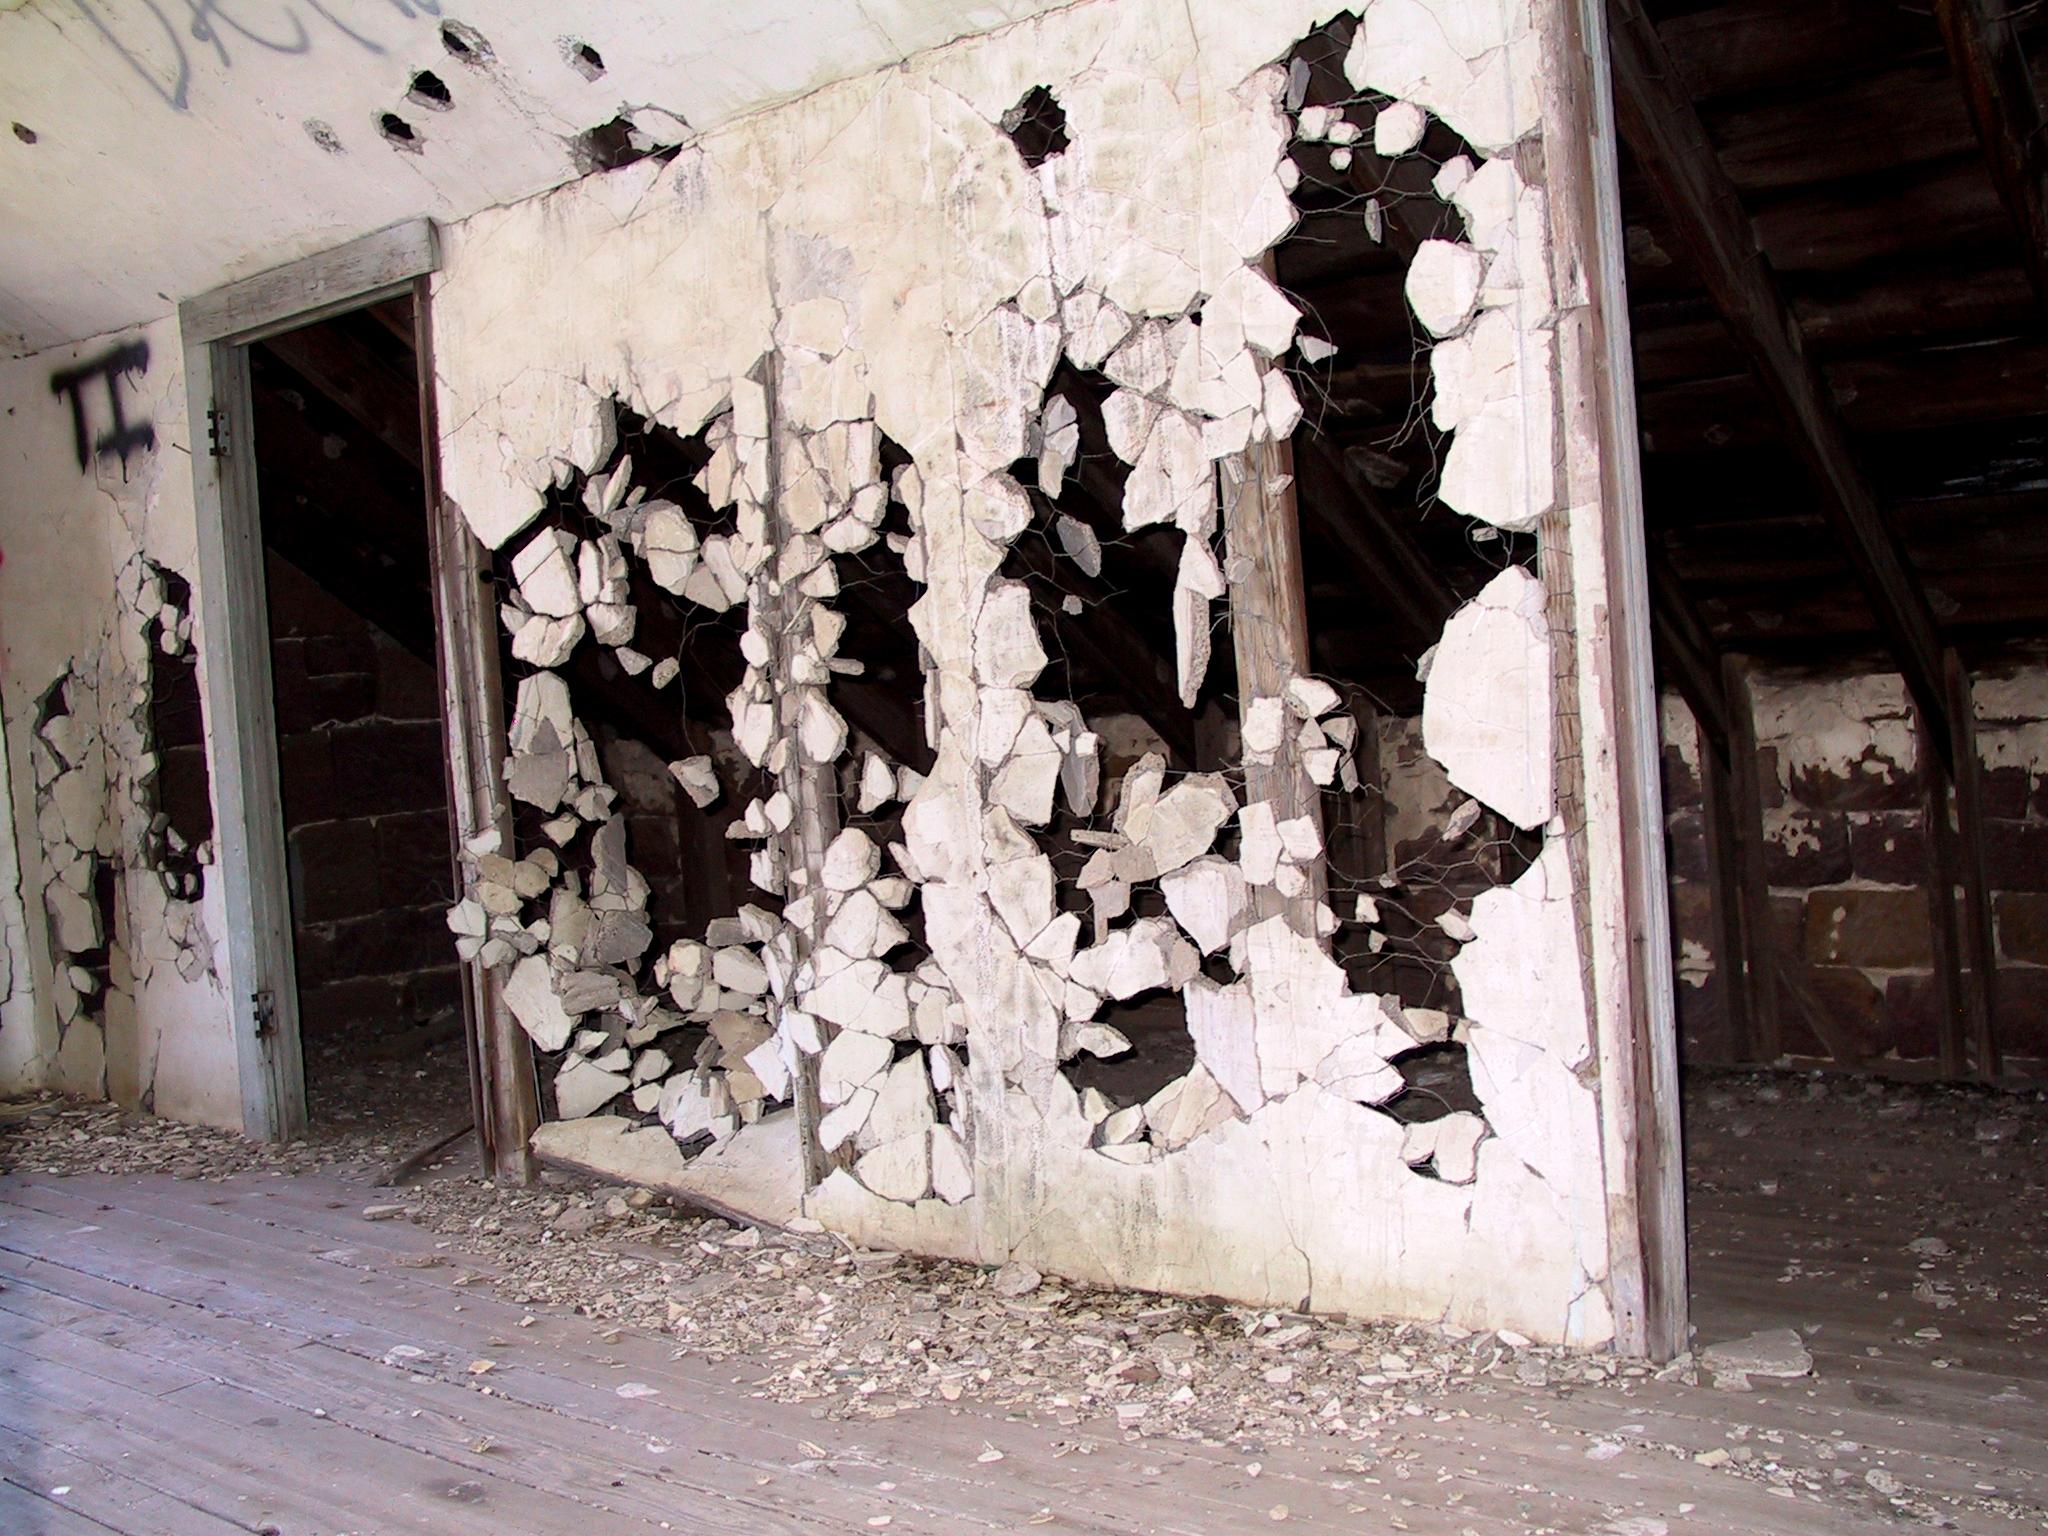 Abandoned Hotz Building 35